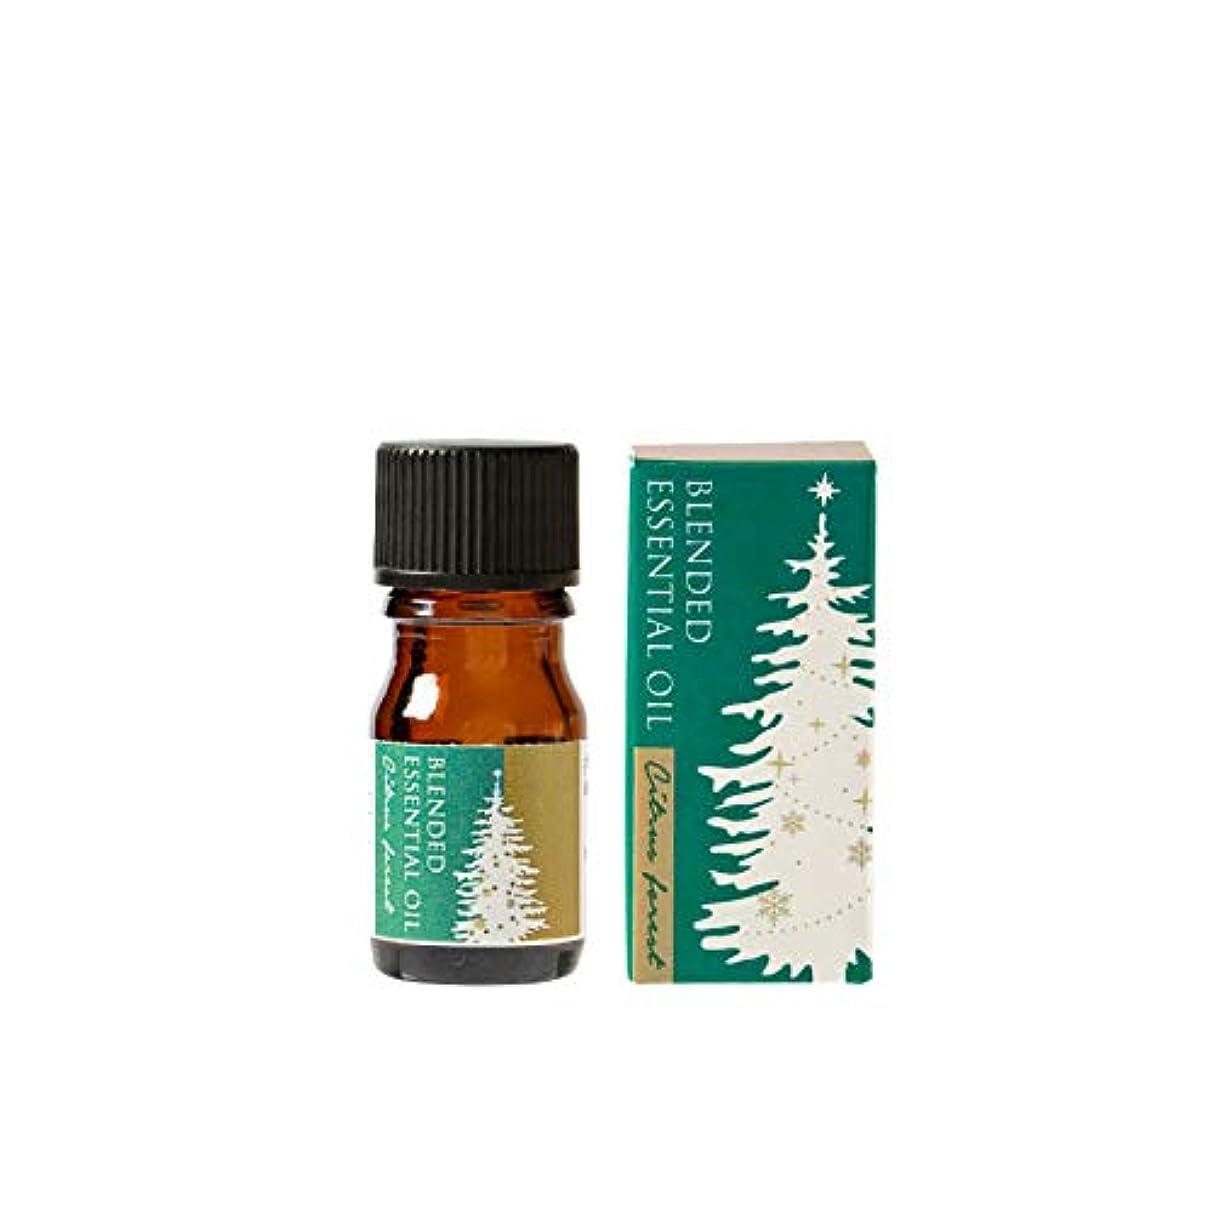 ペイントオリエンテーション出費生活の木 ブレンド精油 シトラスフォレスト 5ml